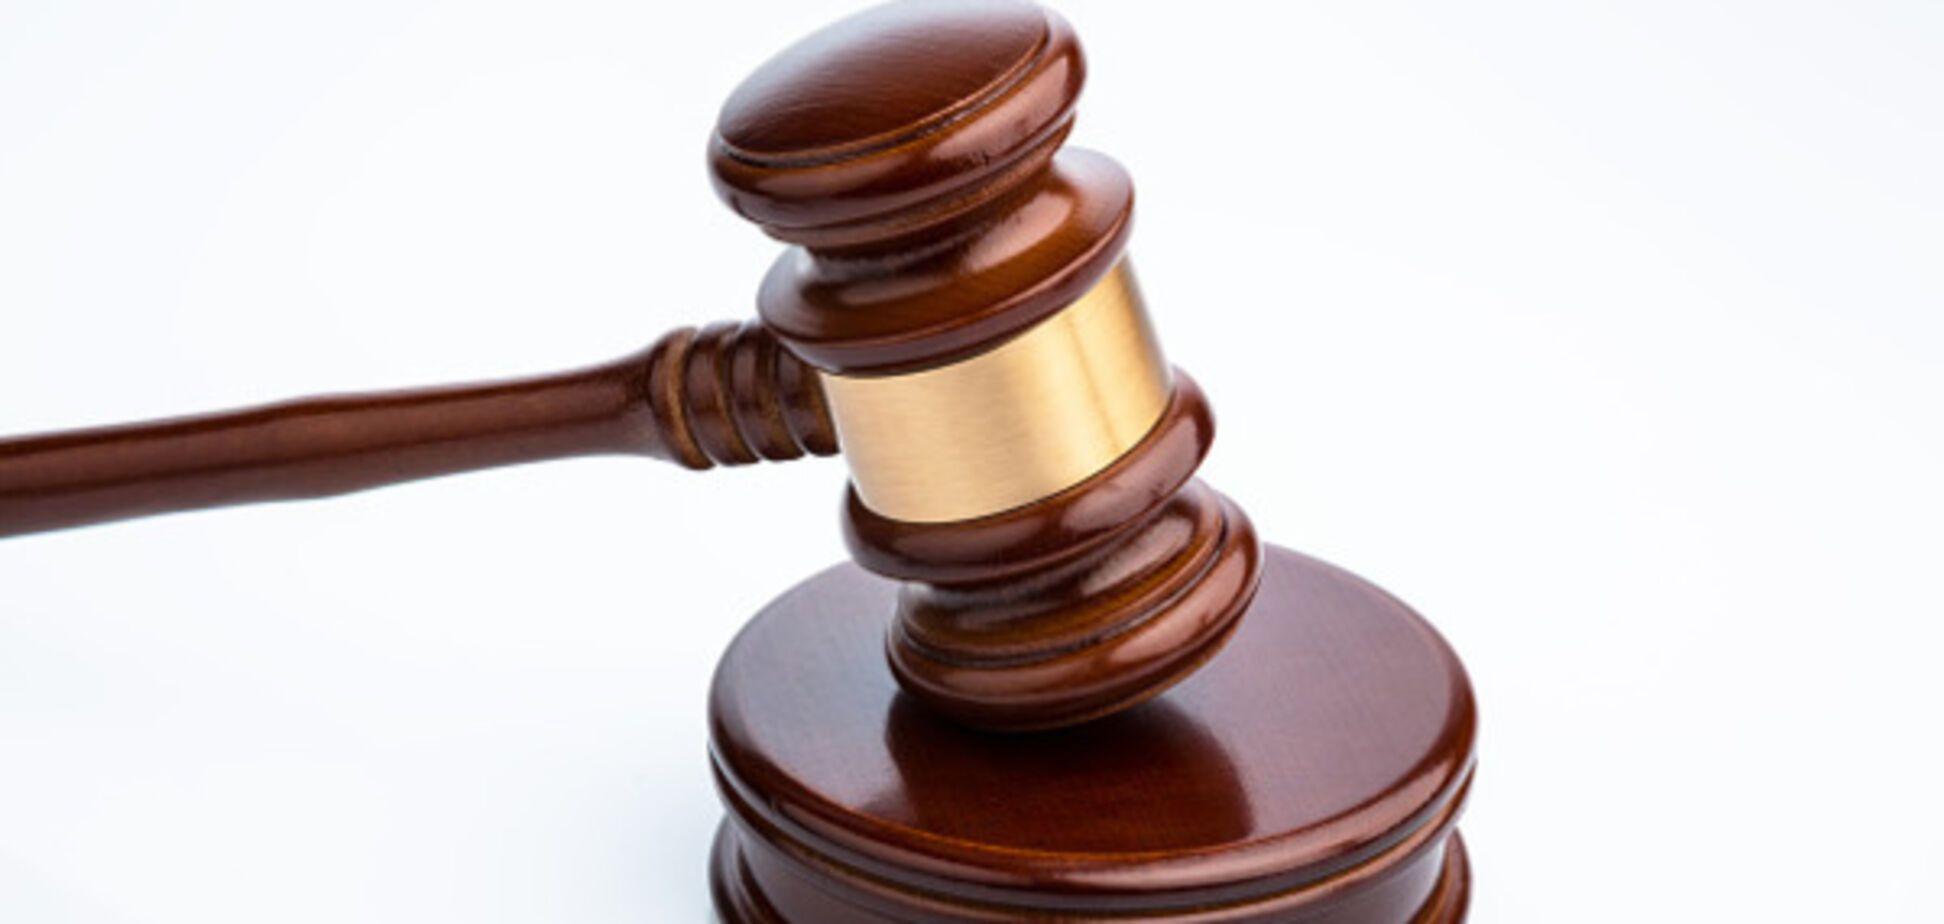 Яценюк будет судиться из-за информации о покупке им вилл на Майами